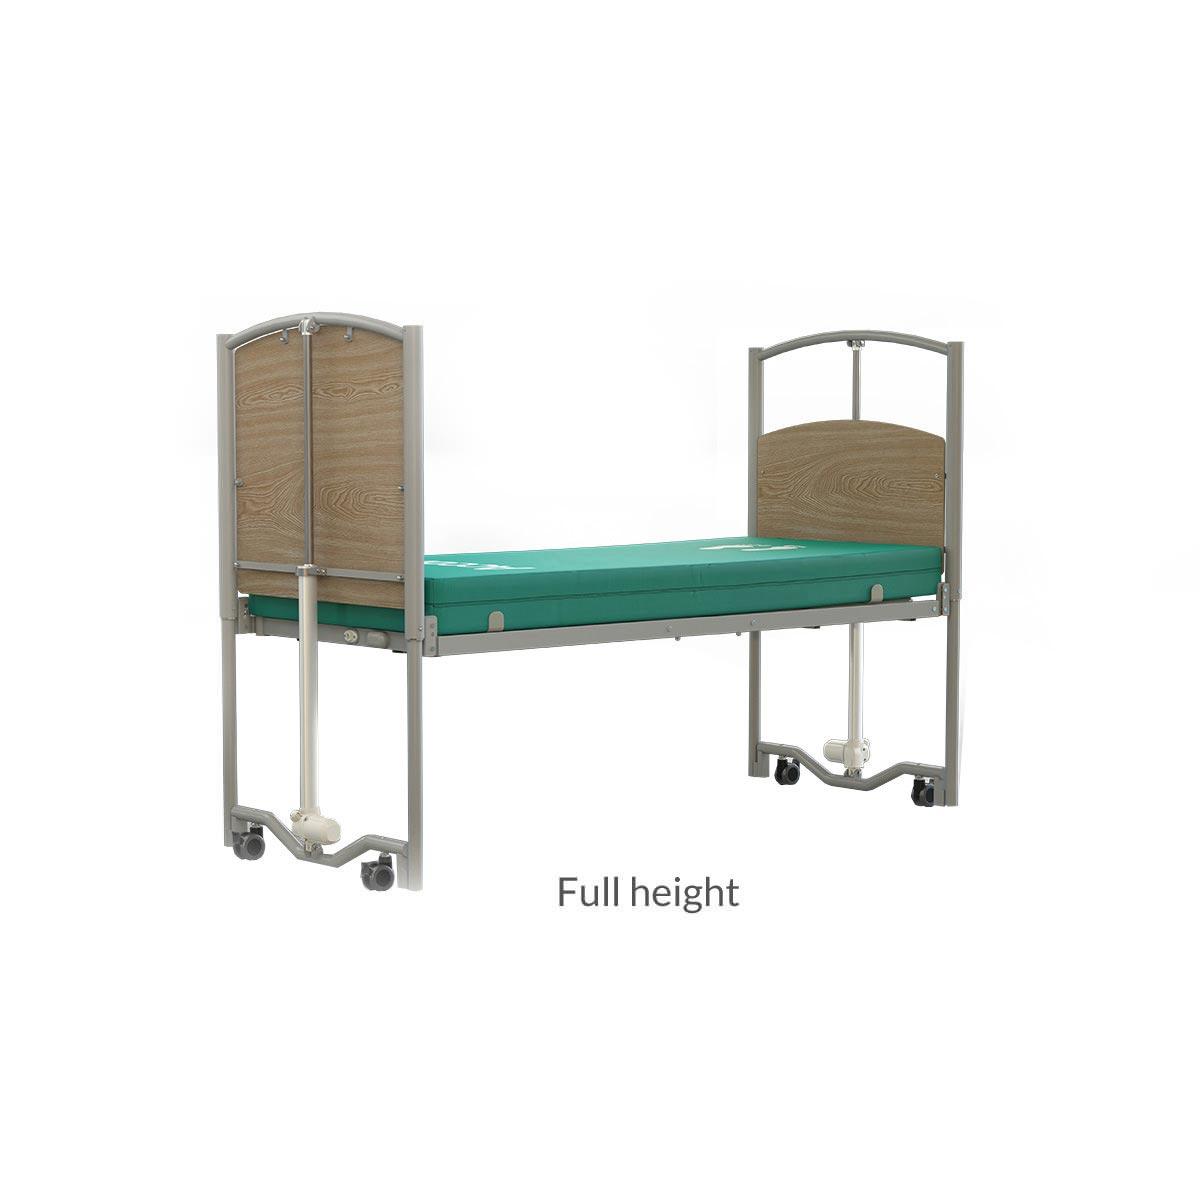 Accora Floor Bed 1 plus - Full height